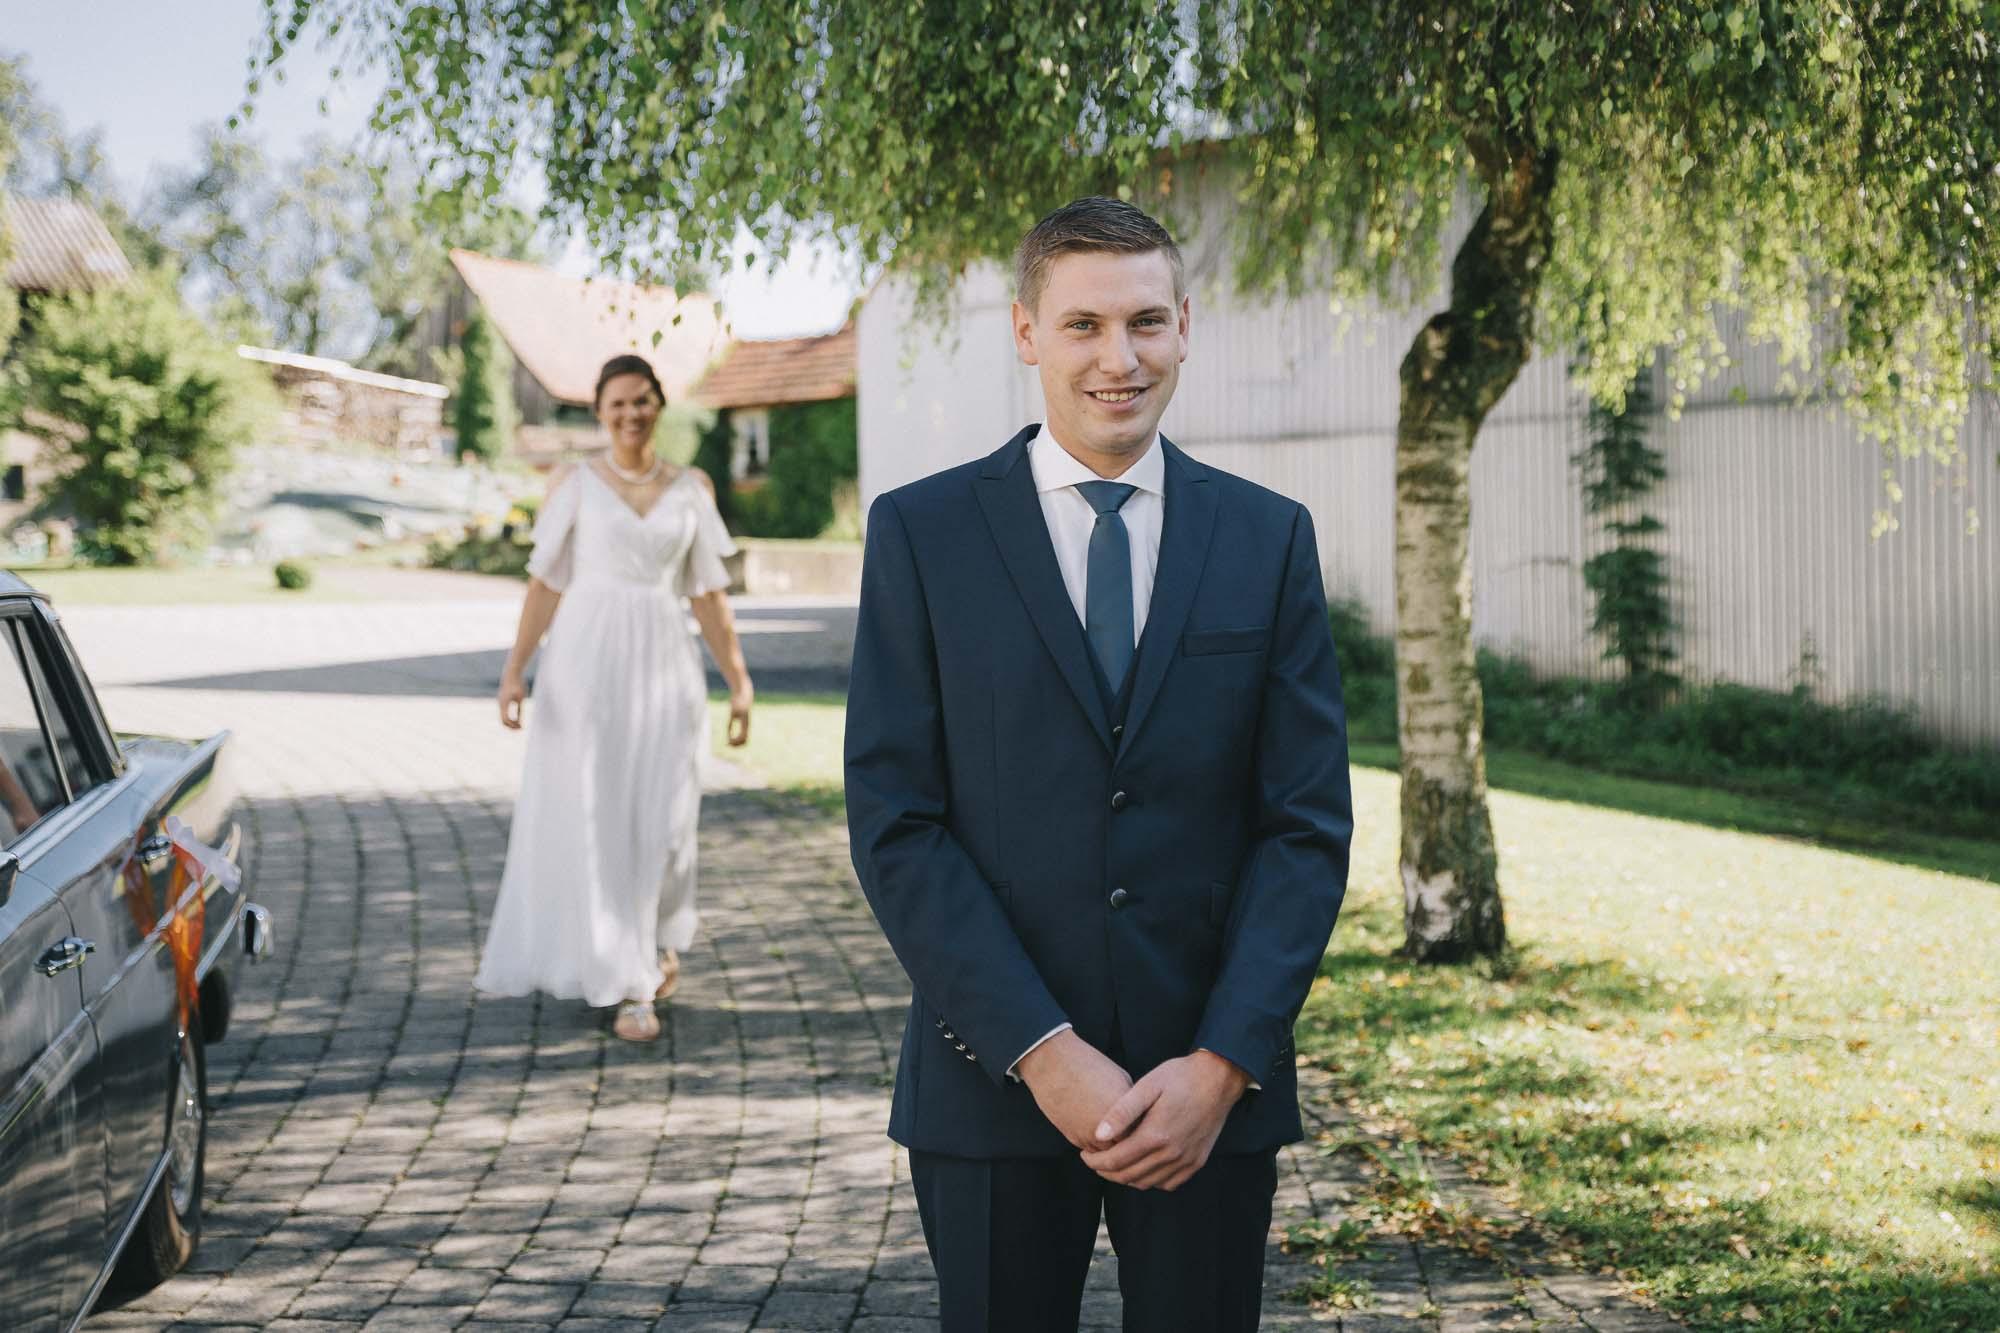 Hochzeitsreportage-Crailsheim-Krystina-Stefan-2